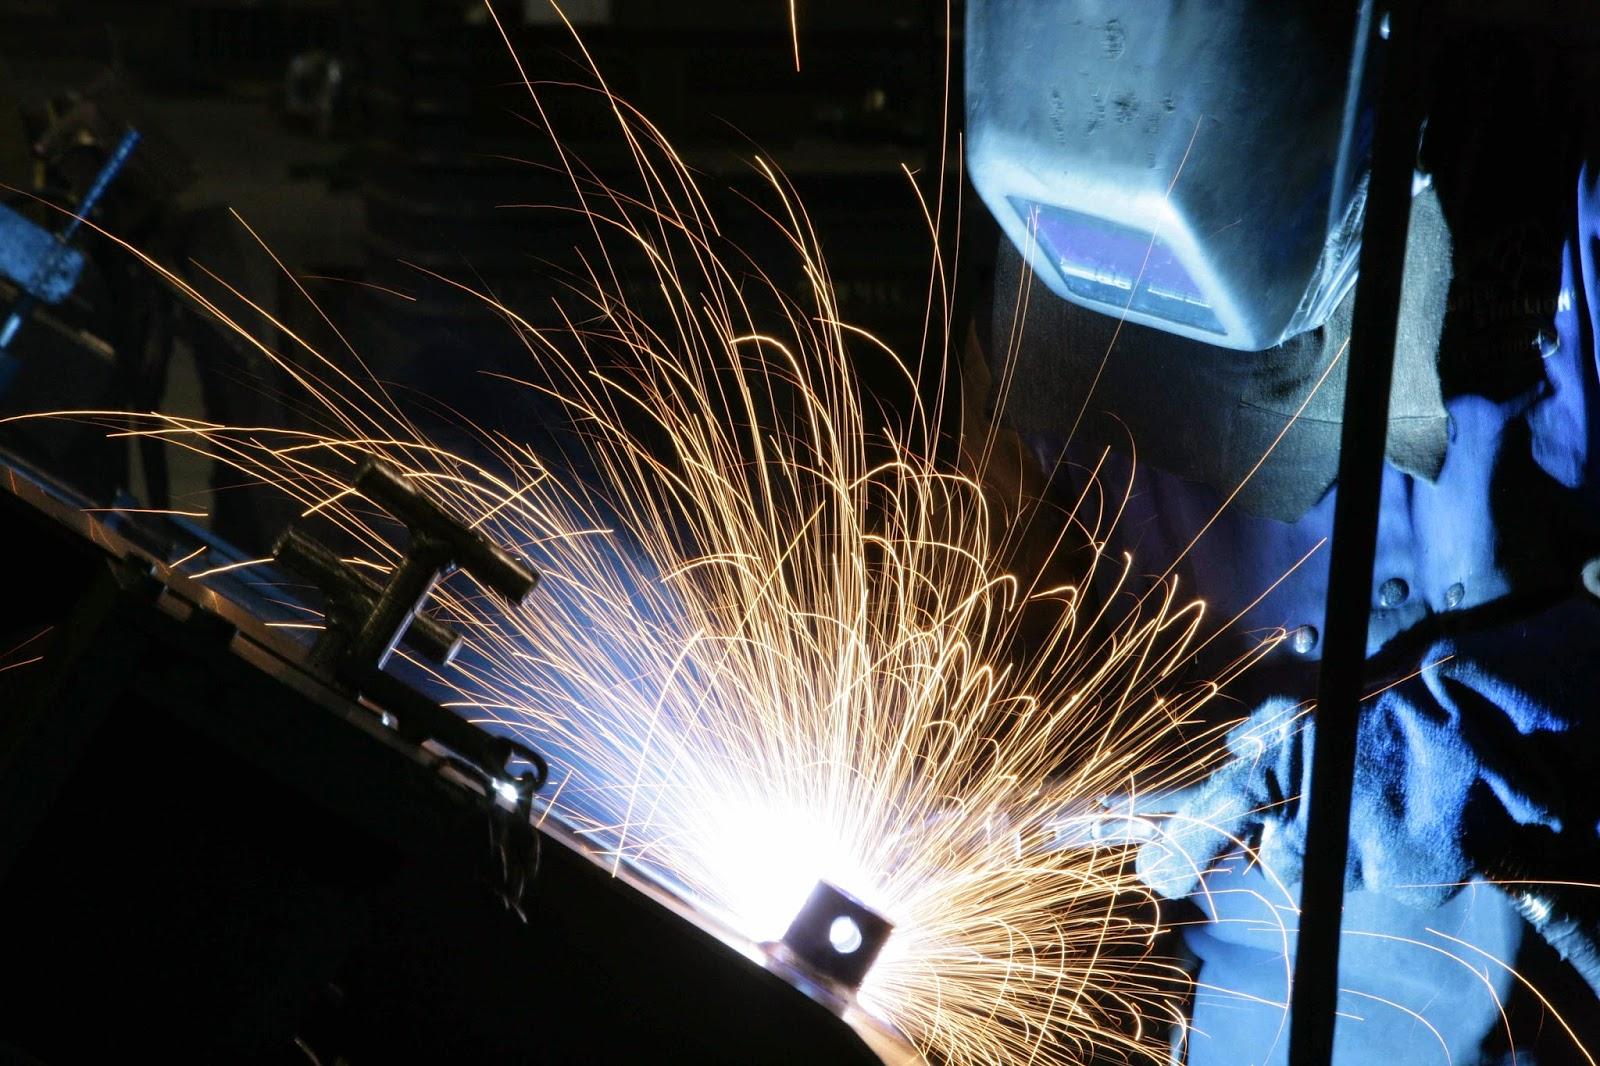 steel fabrication-welding